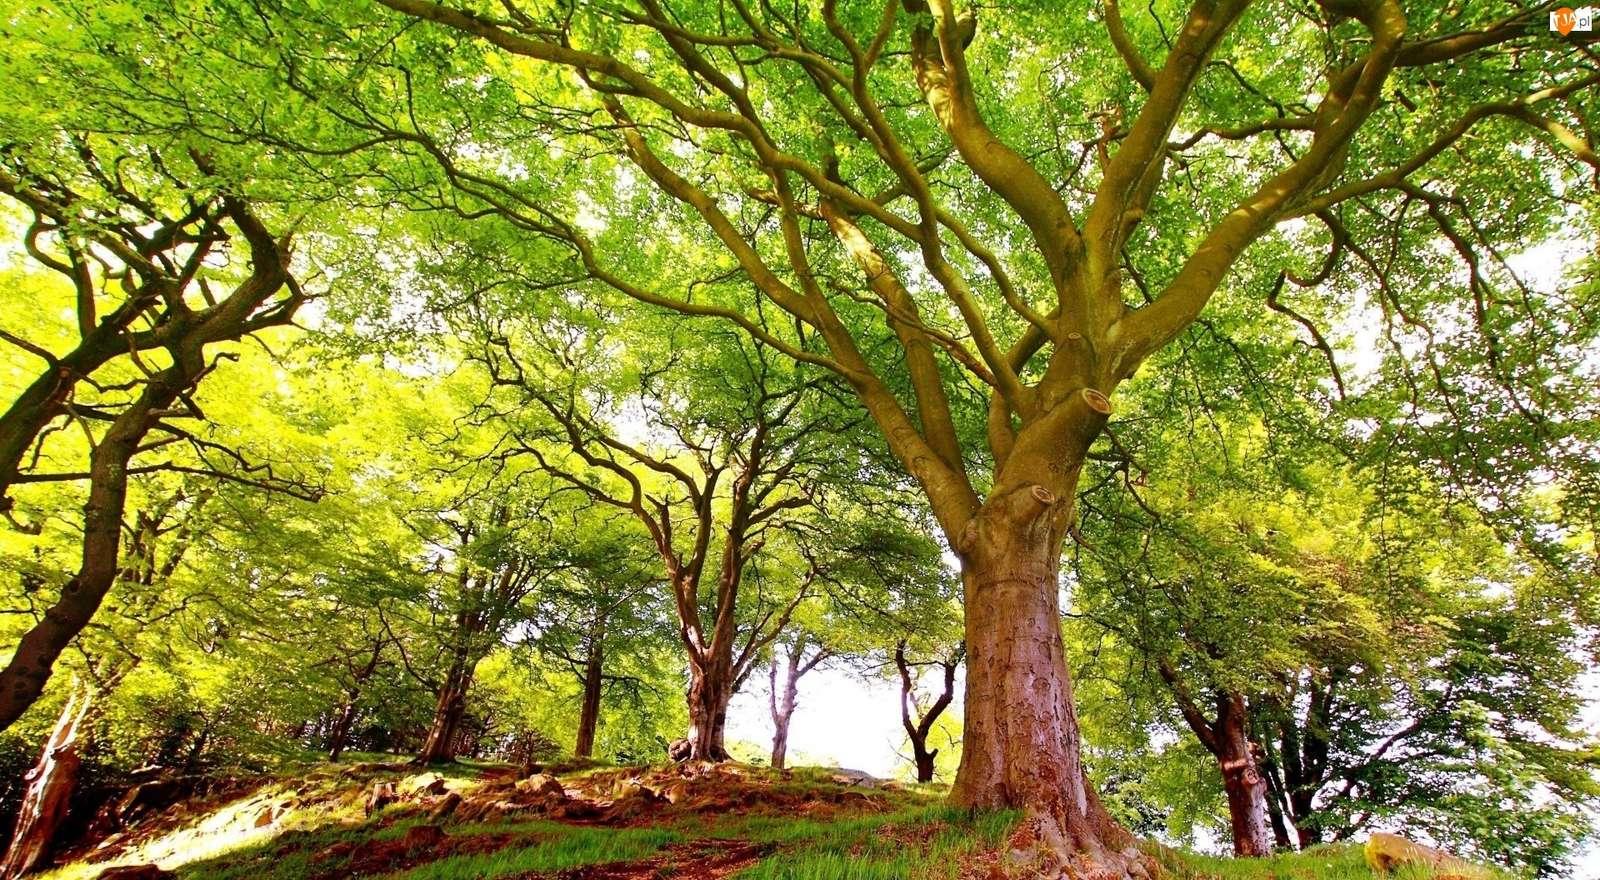 Heerlijk groene bomen - Het bos is iets moois, een heel rustgevende plek (13×13)